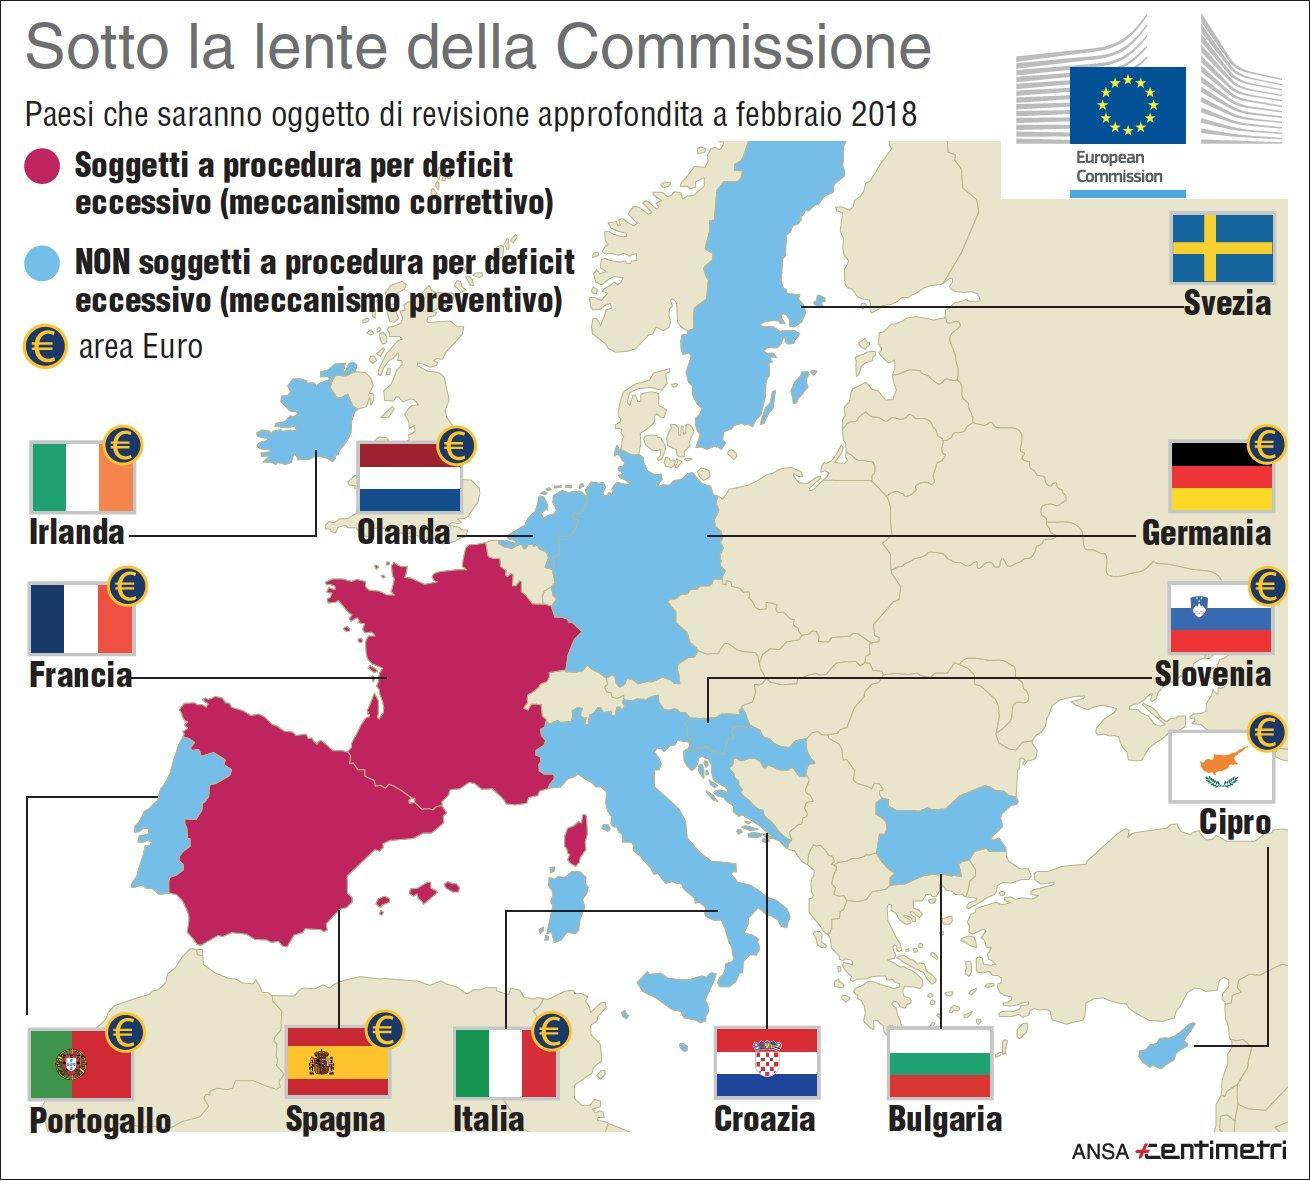 Ue, i Paesi sotto la lente della Commissione per squilibri eccessivi